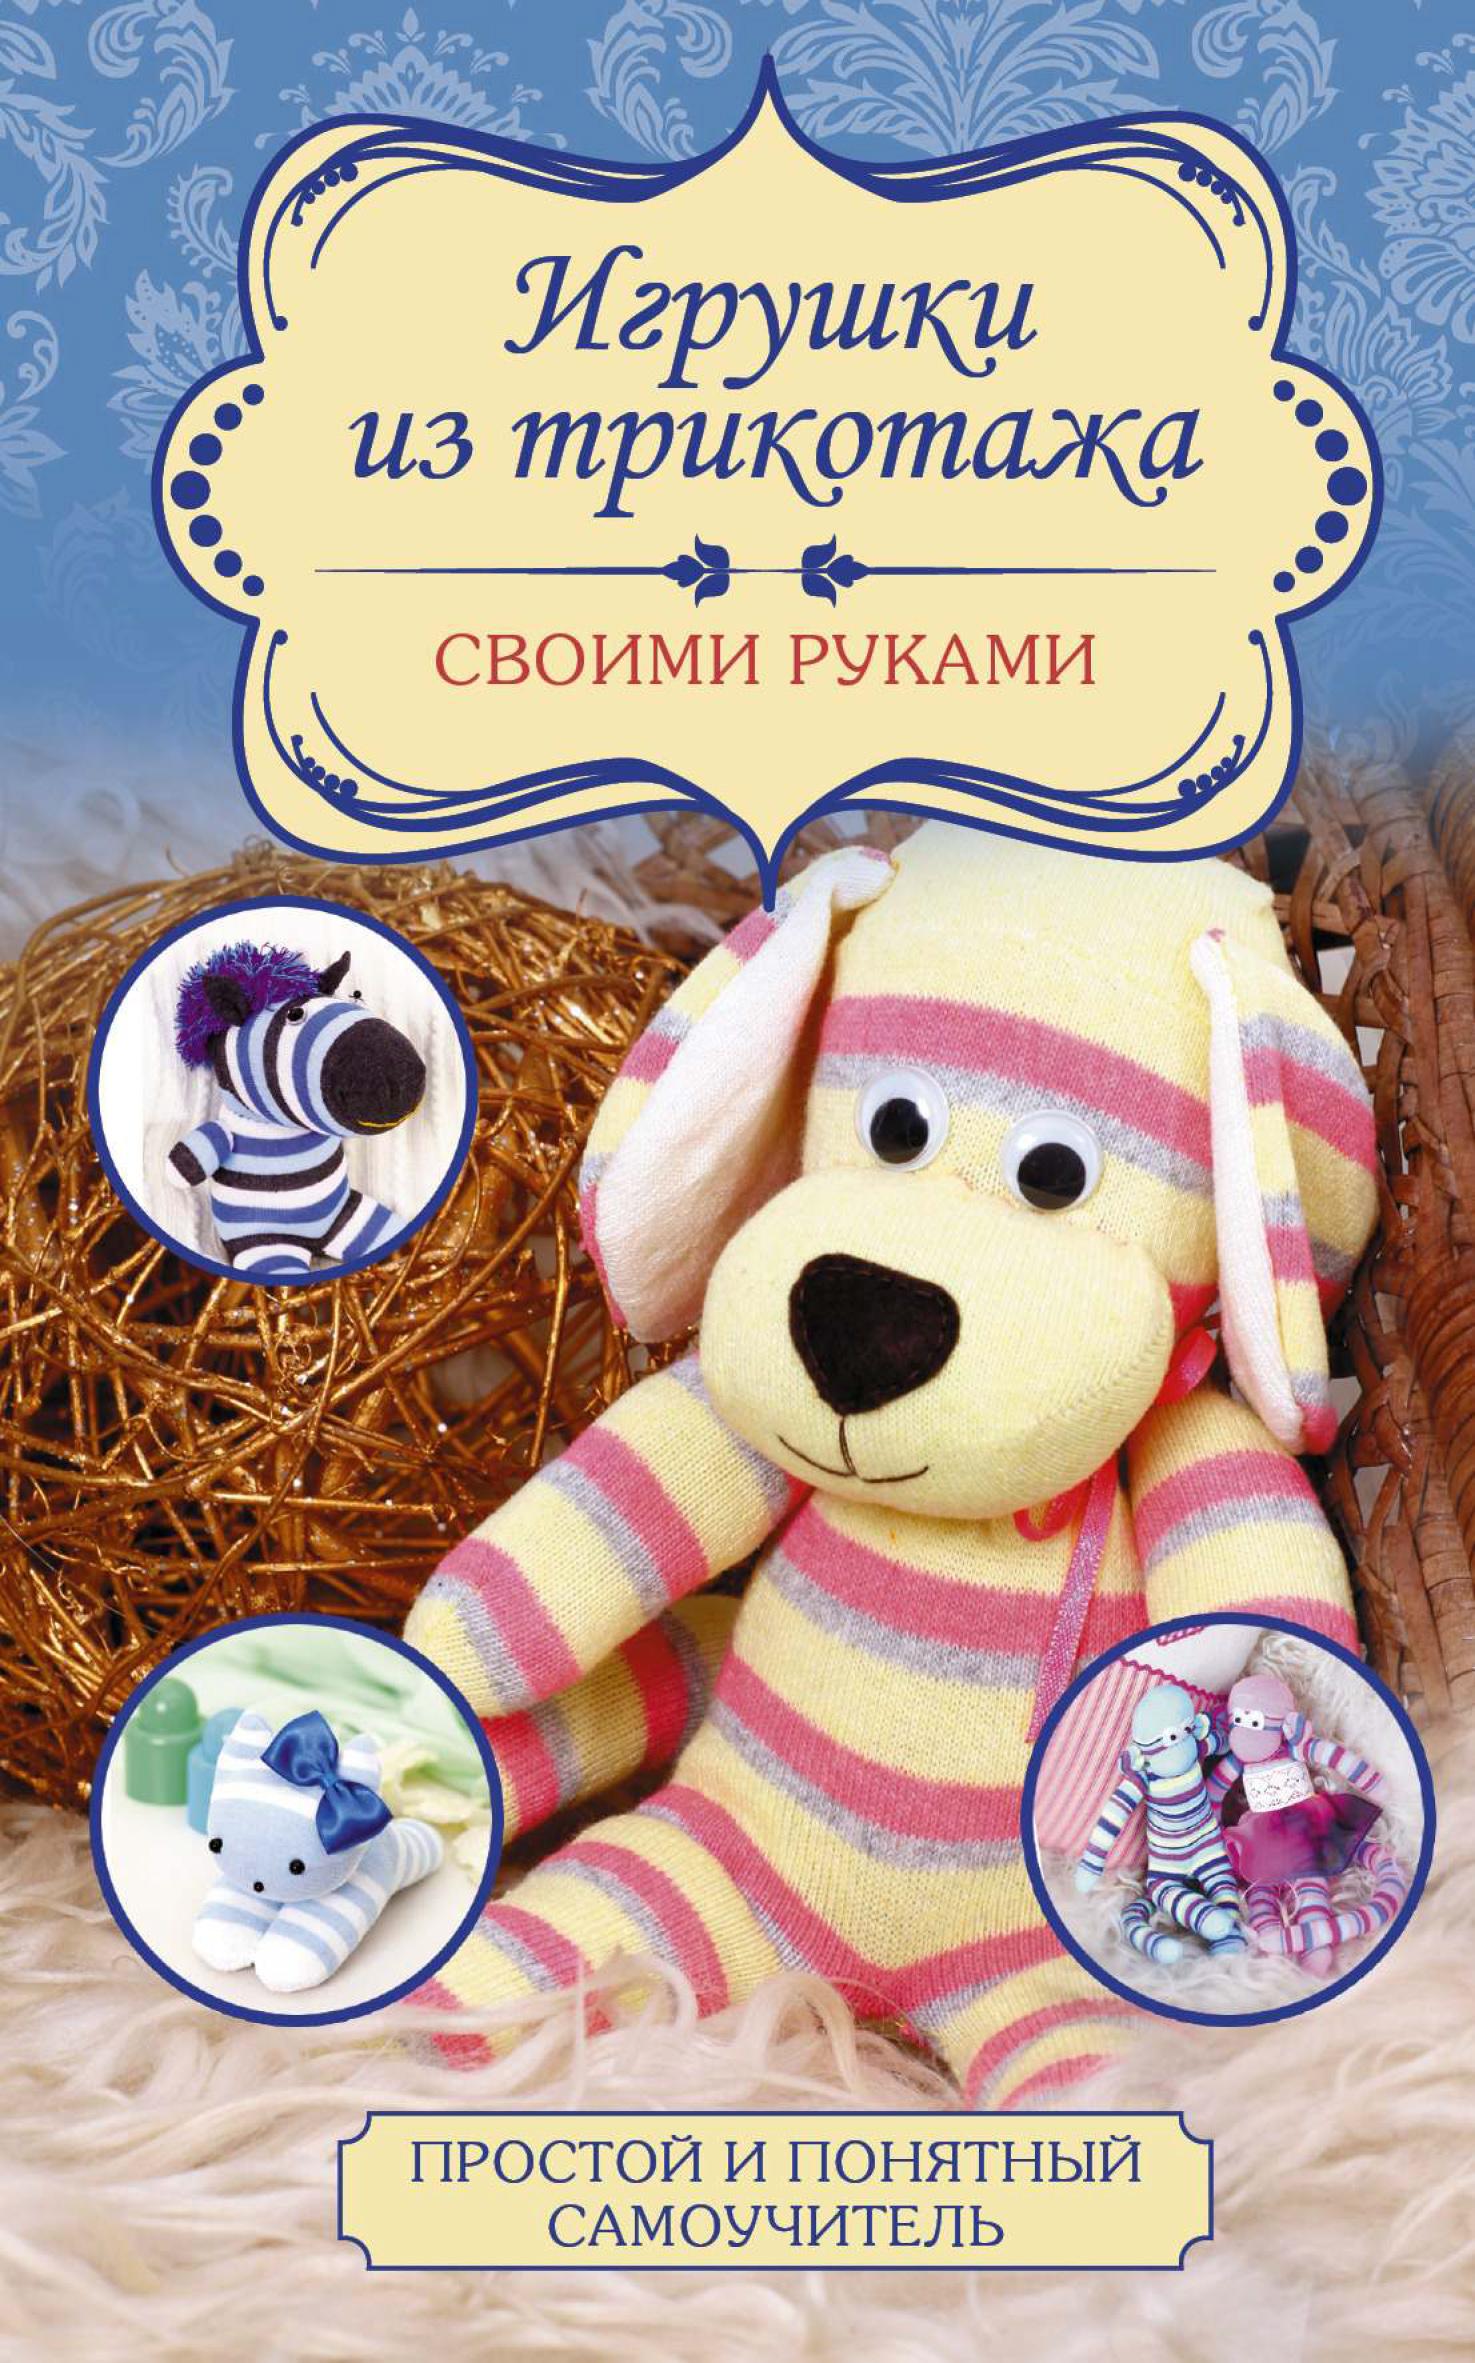 Любовь Чернобаева Игрушки из трикотажа своими руками любовь чернобаева игрушки из трикотажа своими руками